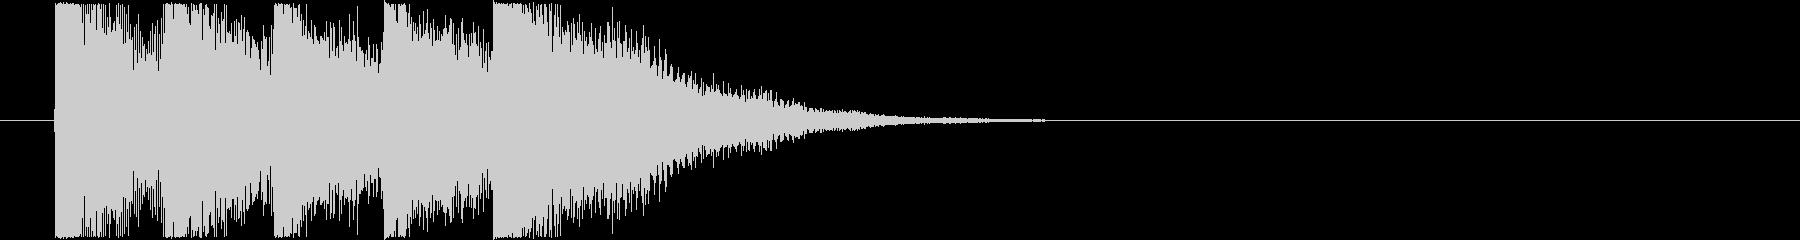 透明感のあるピアノ系サウンドロゴの未再生の波形